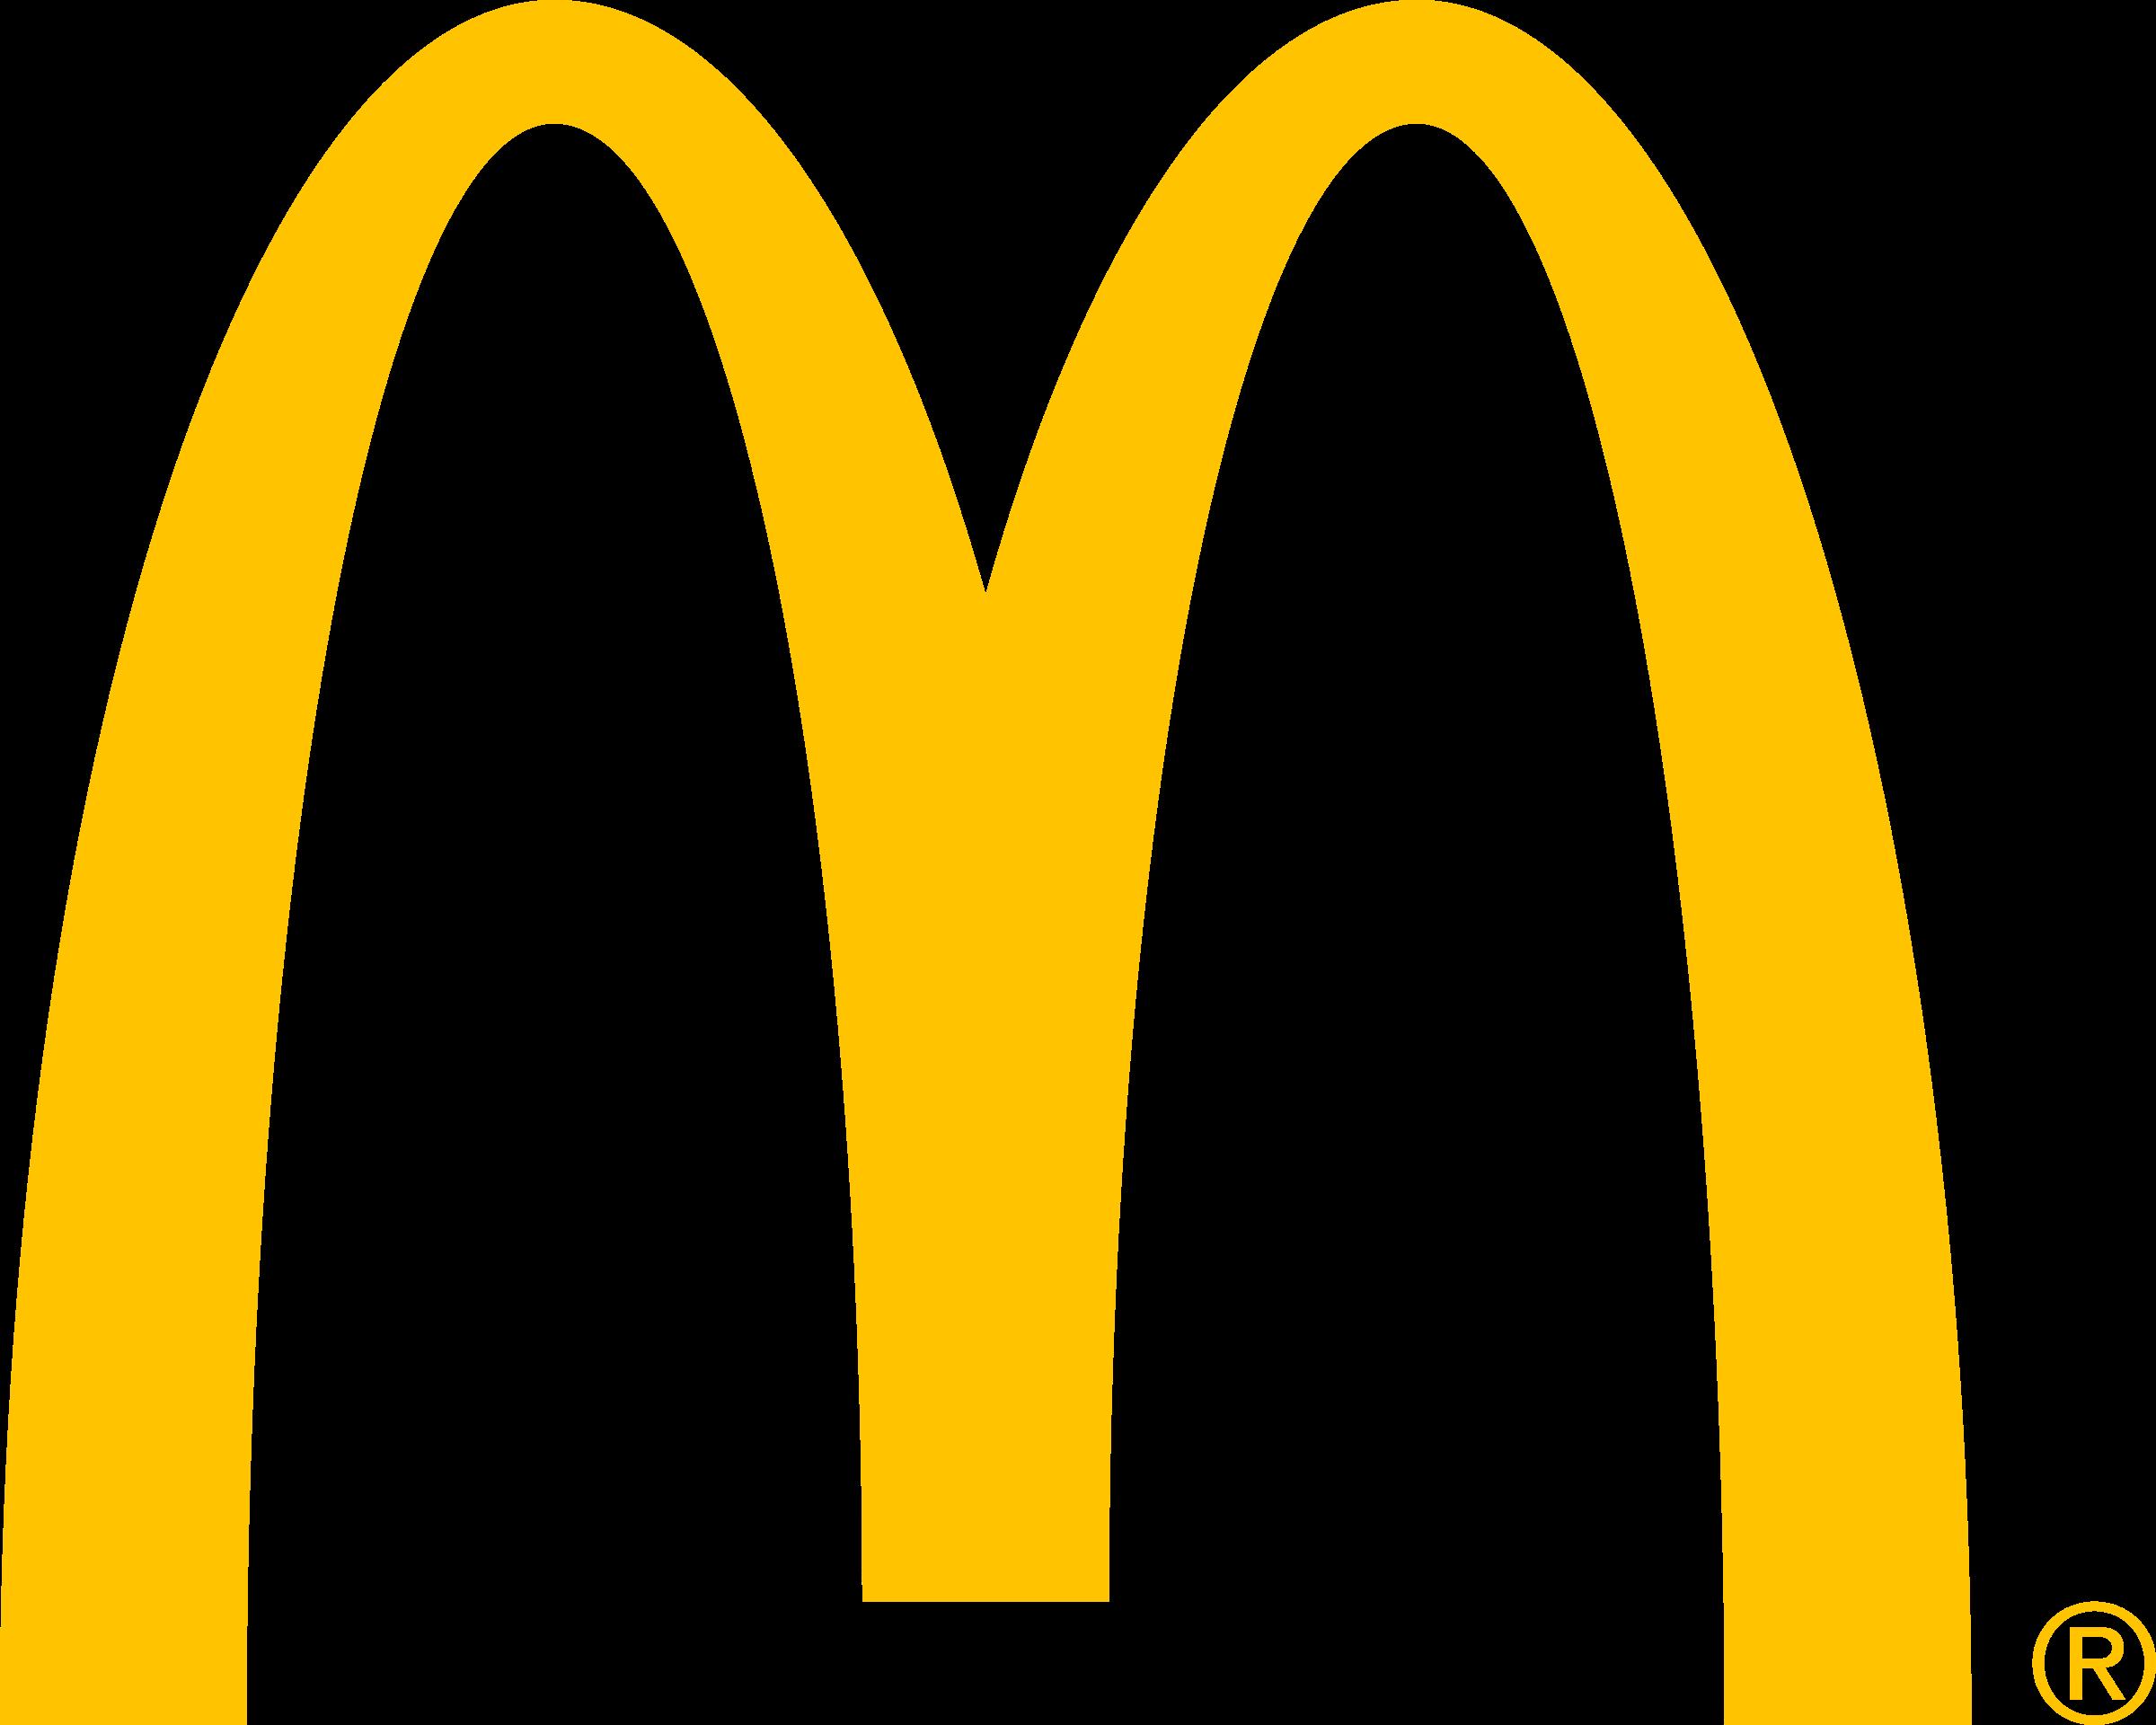 clip art free Mcdonalds transparent. Mcdonald s logo png.